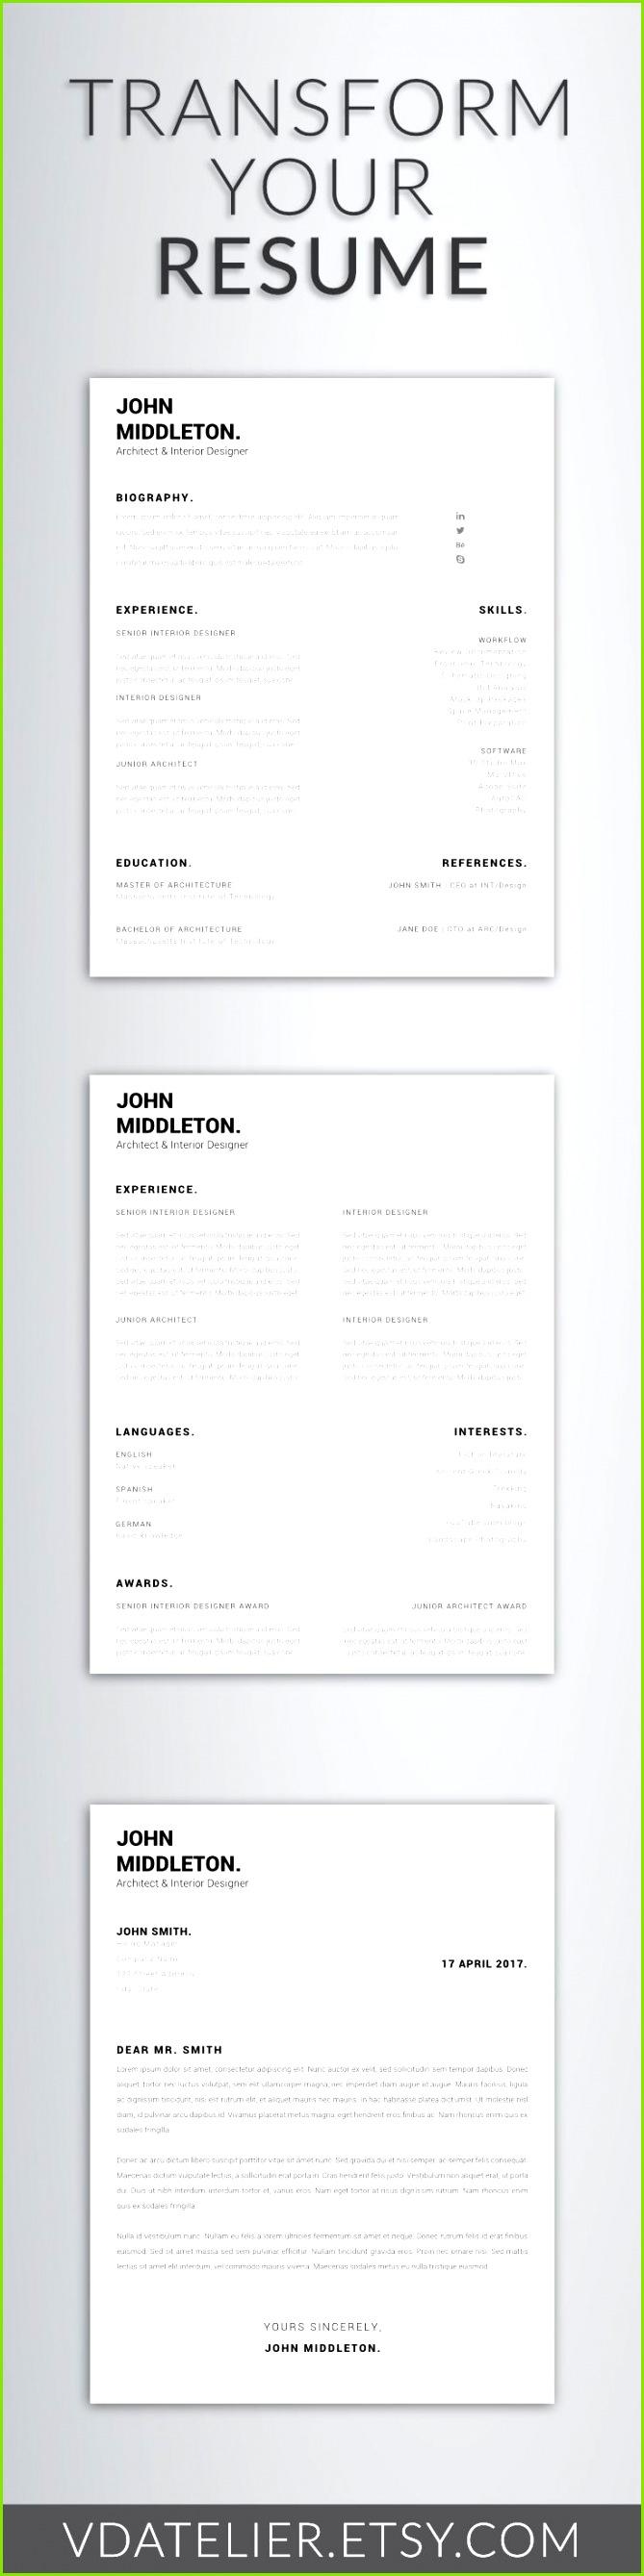 Modern Resume Template Best Inspirational Examples Resumes Ecologist Resume 0d Teacher Resume Modern Resume